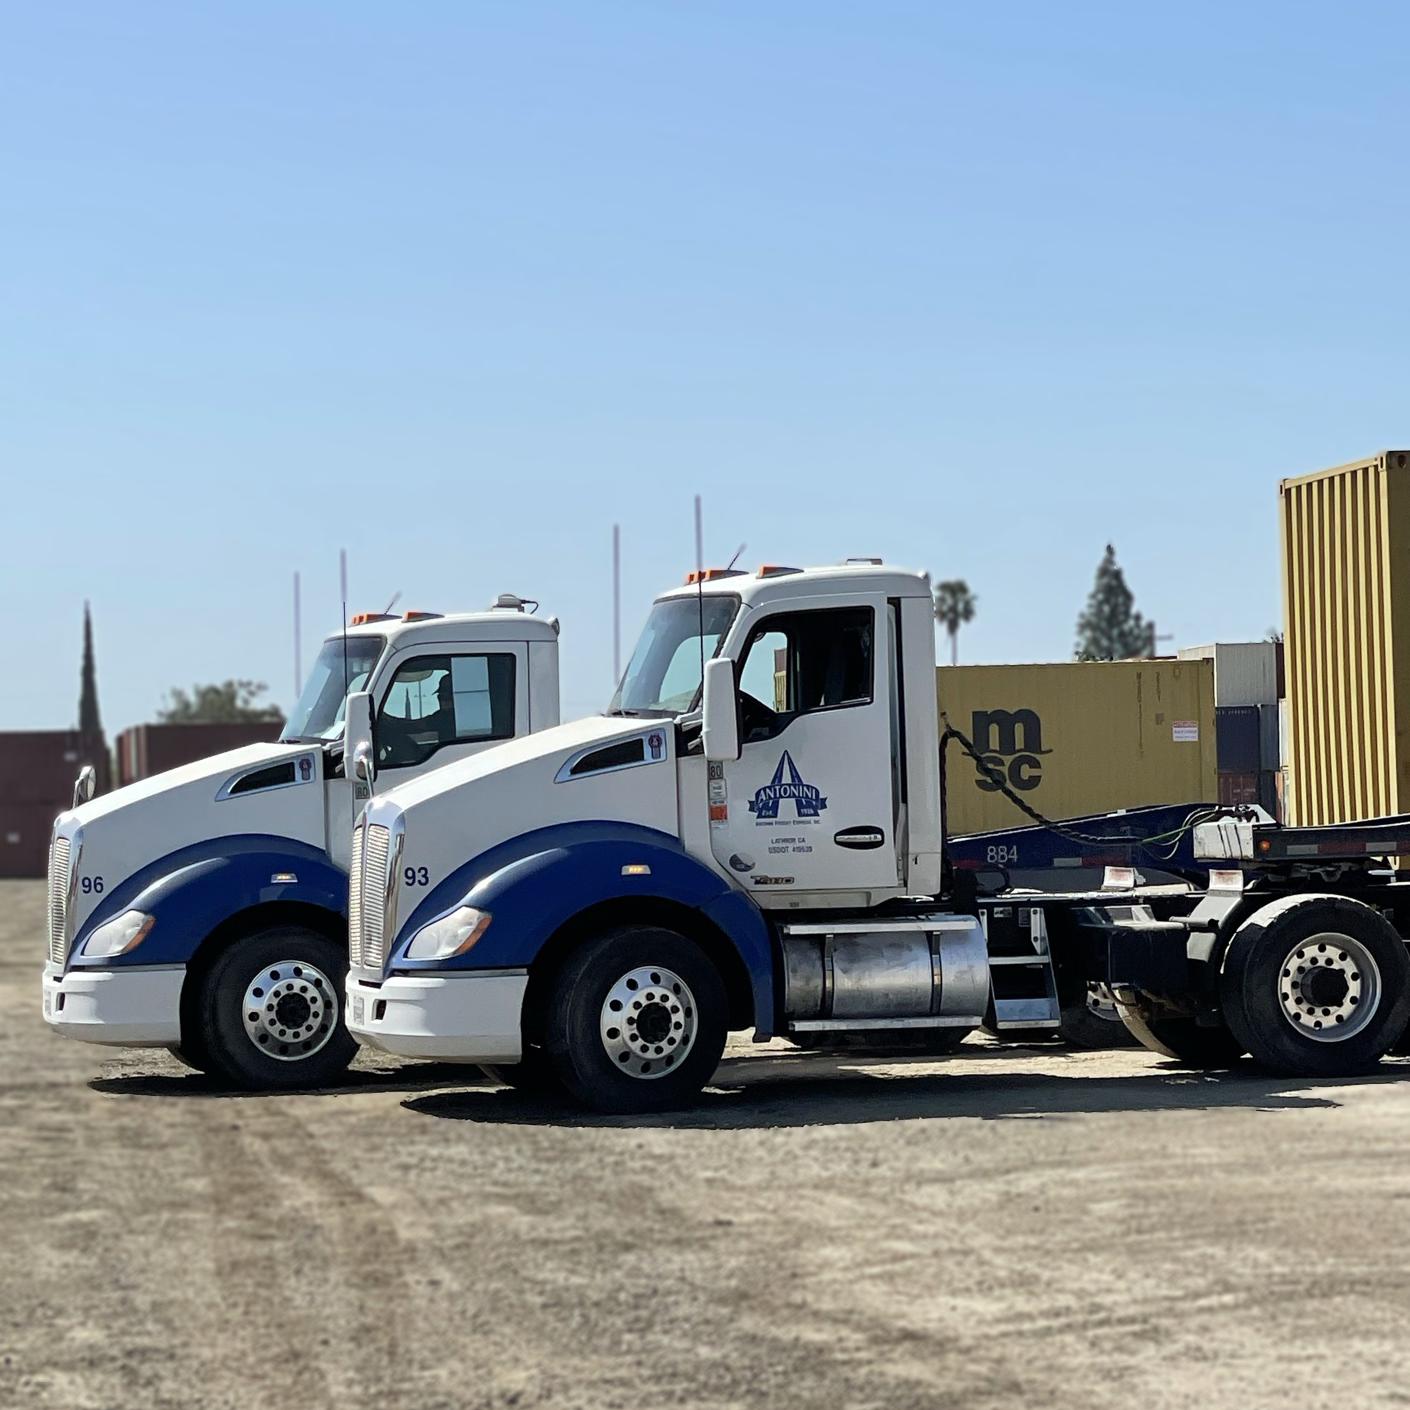 2 Antonini big rigs trucks in Stockton CA terminal